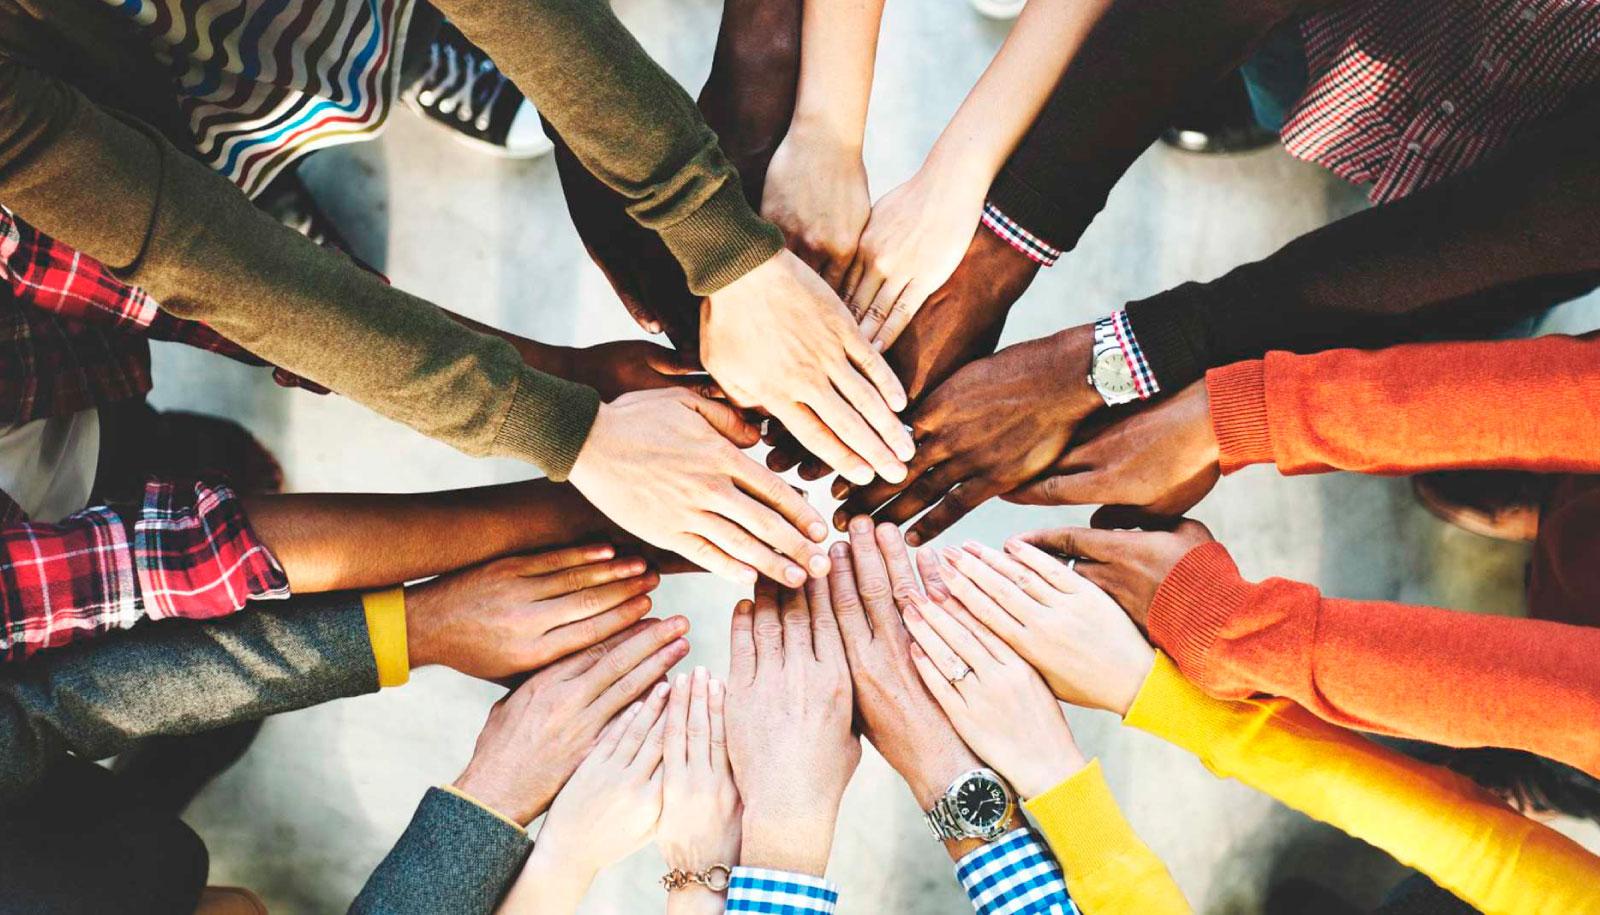 La psicoterapia de apoyo grupal y la prevención de recaídas en las adicciones